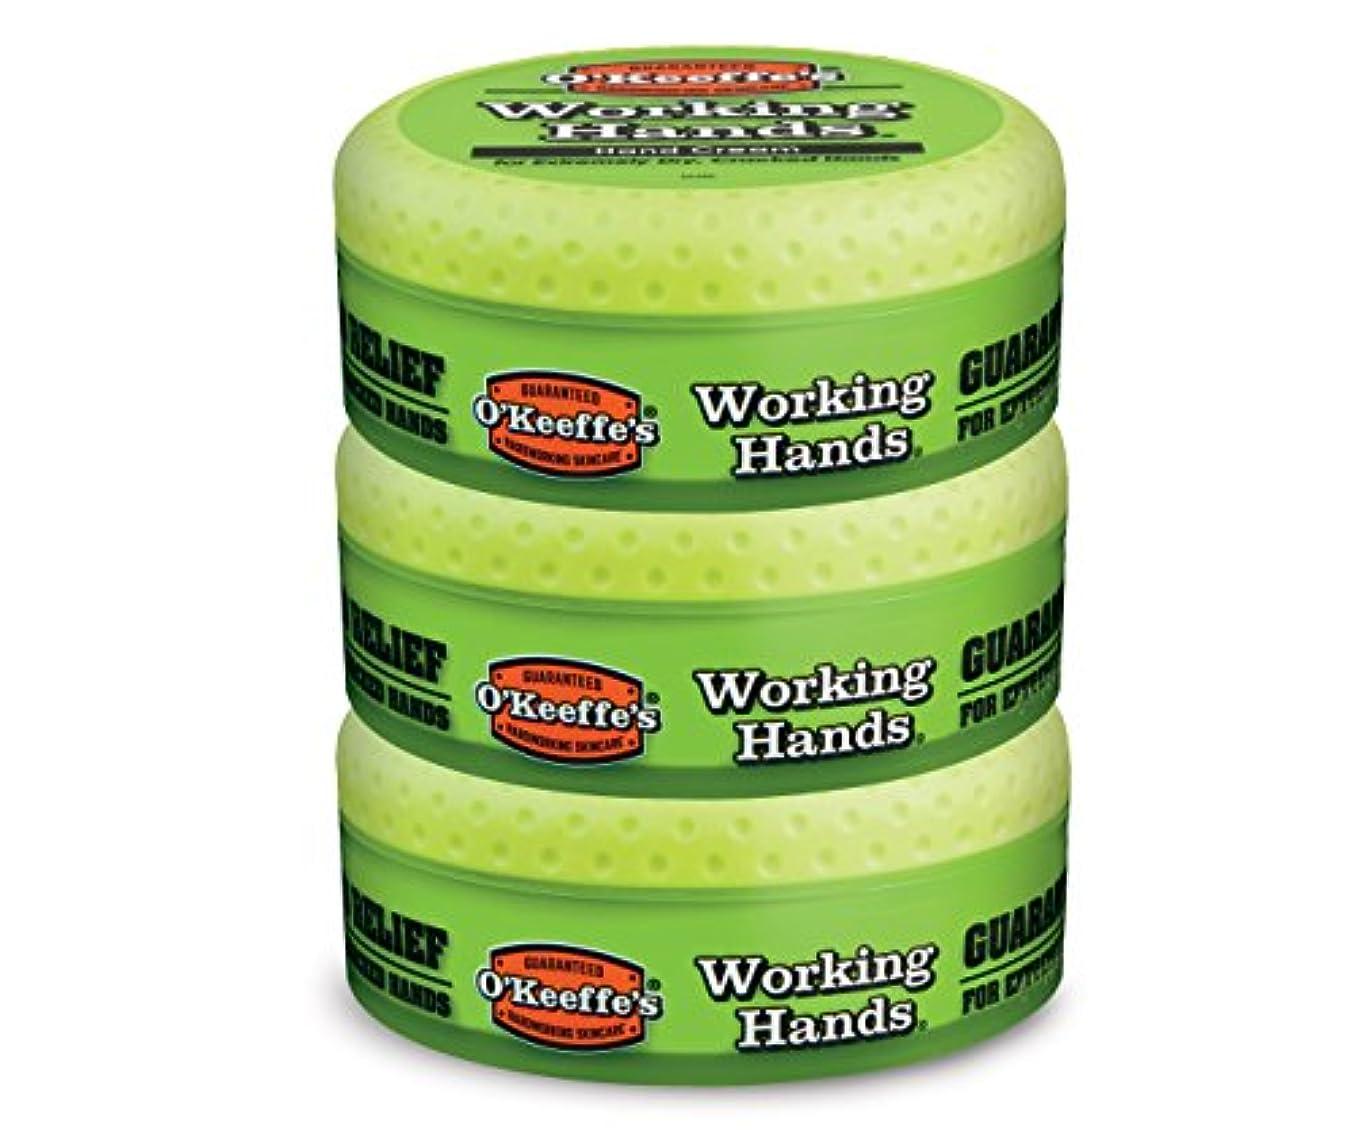 北南シャツO ' Keeffe 's Working Hands Hand Cream, 3.4オンス、Jar 3 - Pack K0350002-3 3